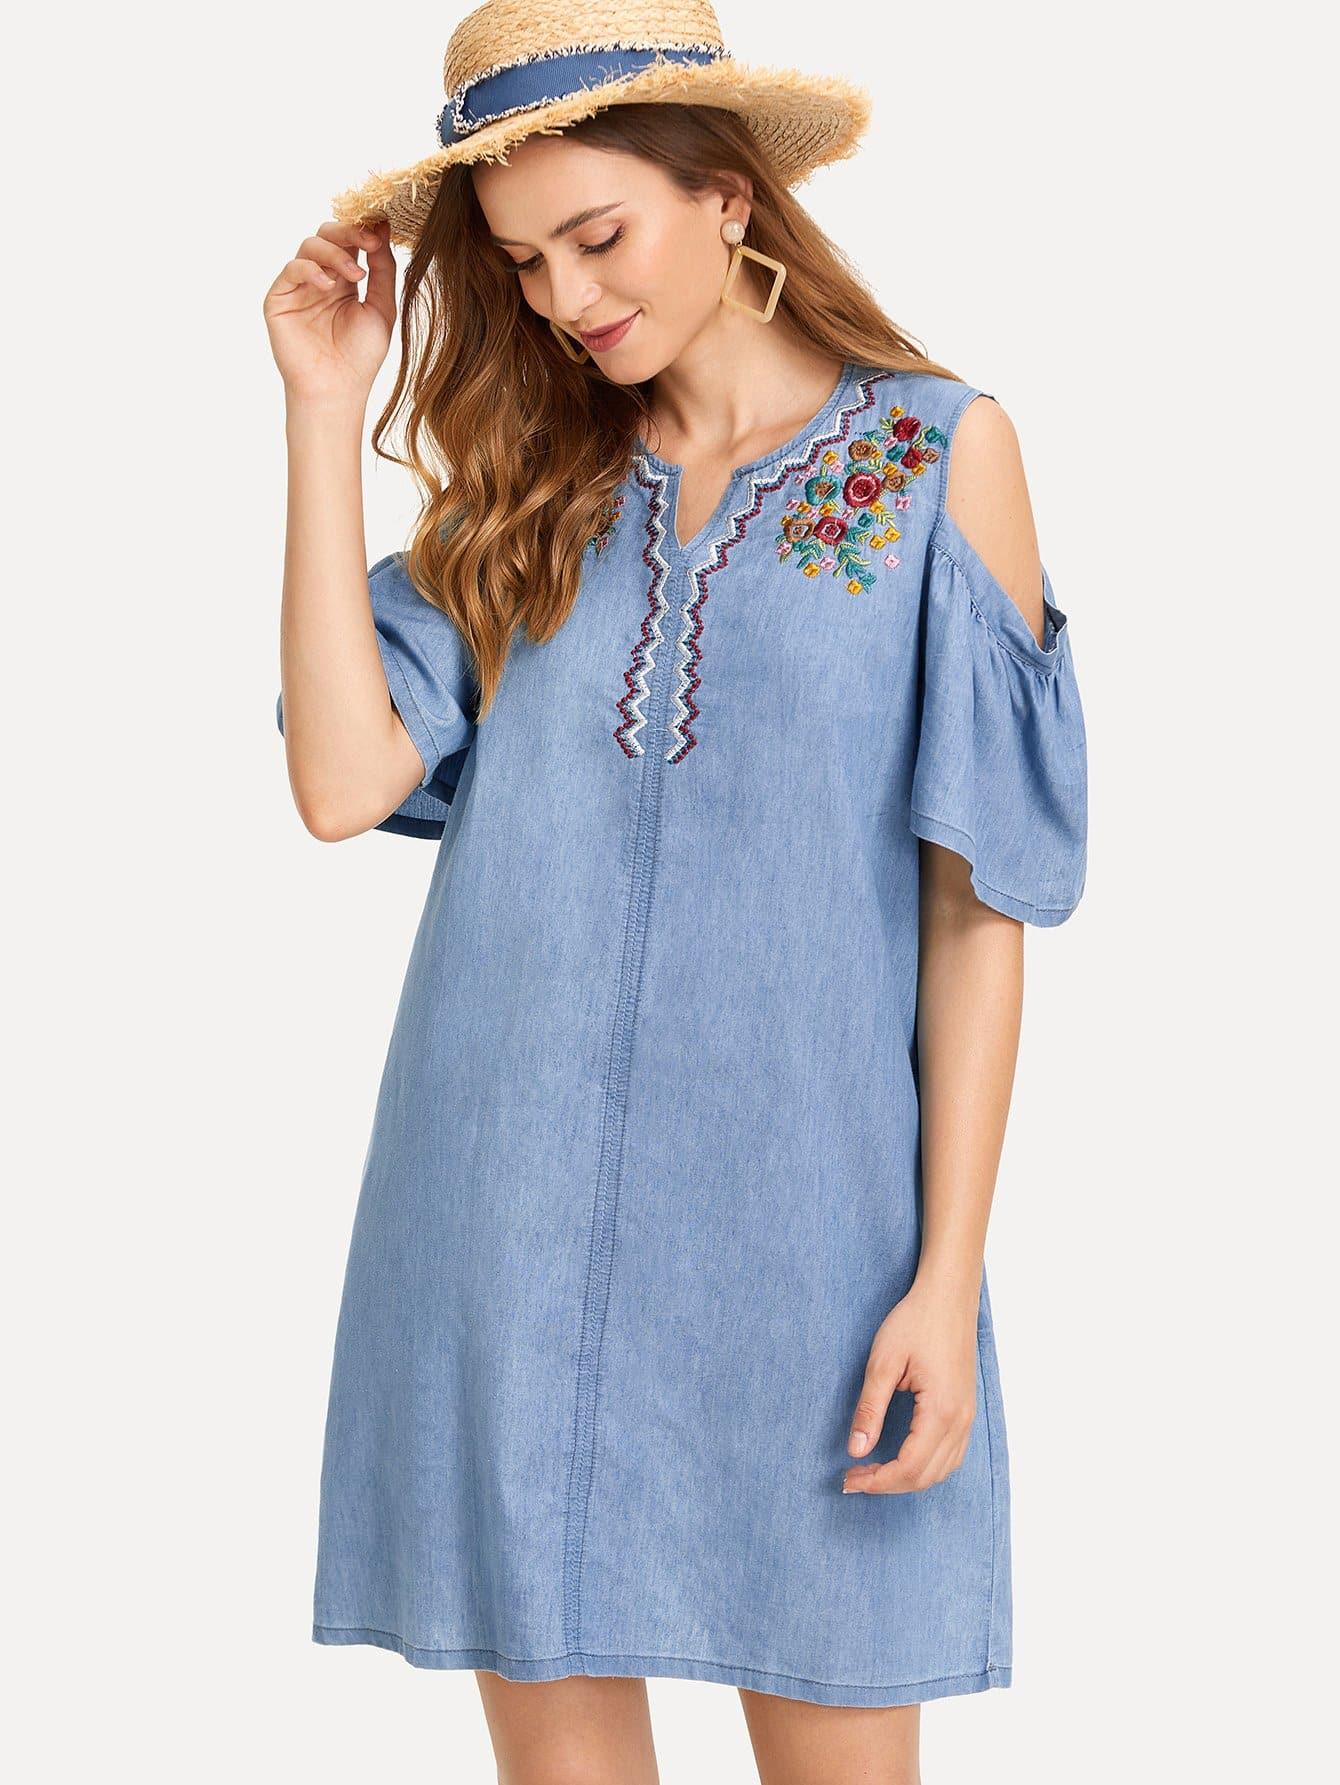 Botanical Embroidered Open Shoulder Denim Dress open shoulder botanical top